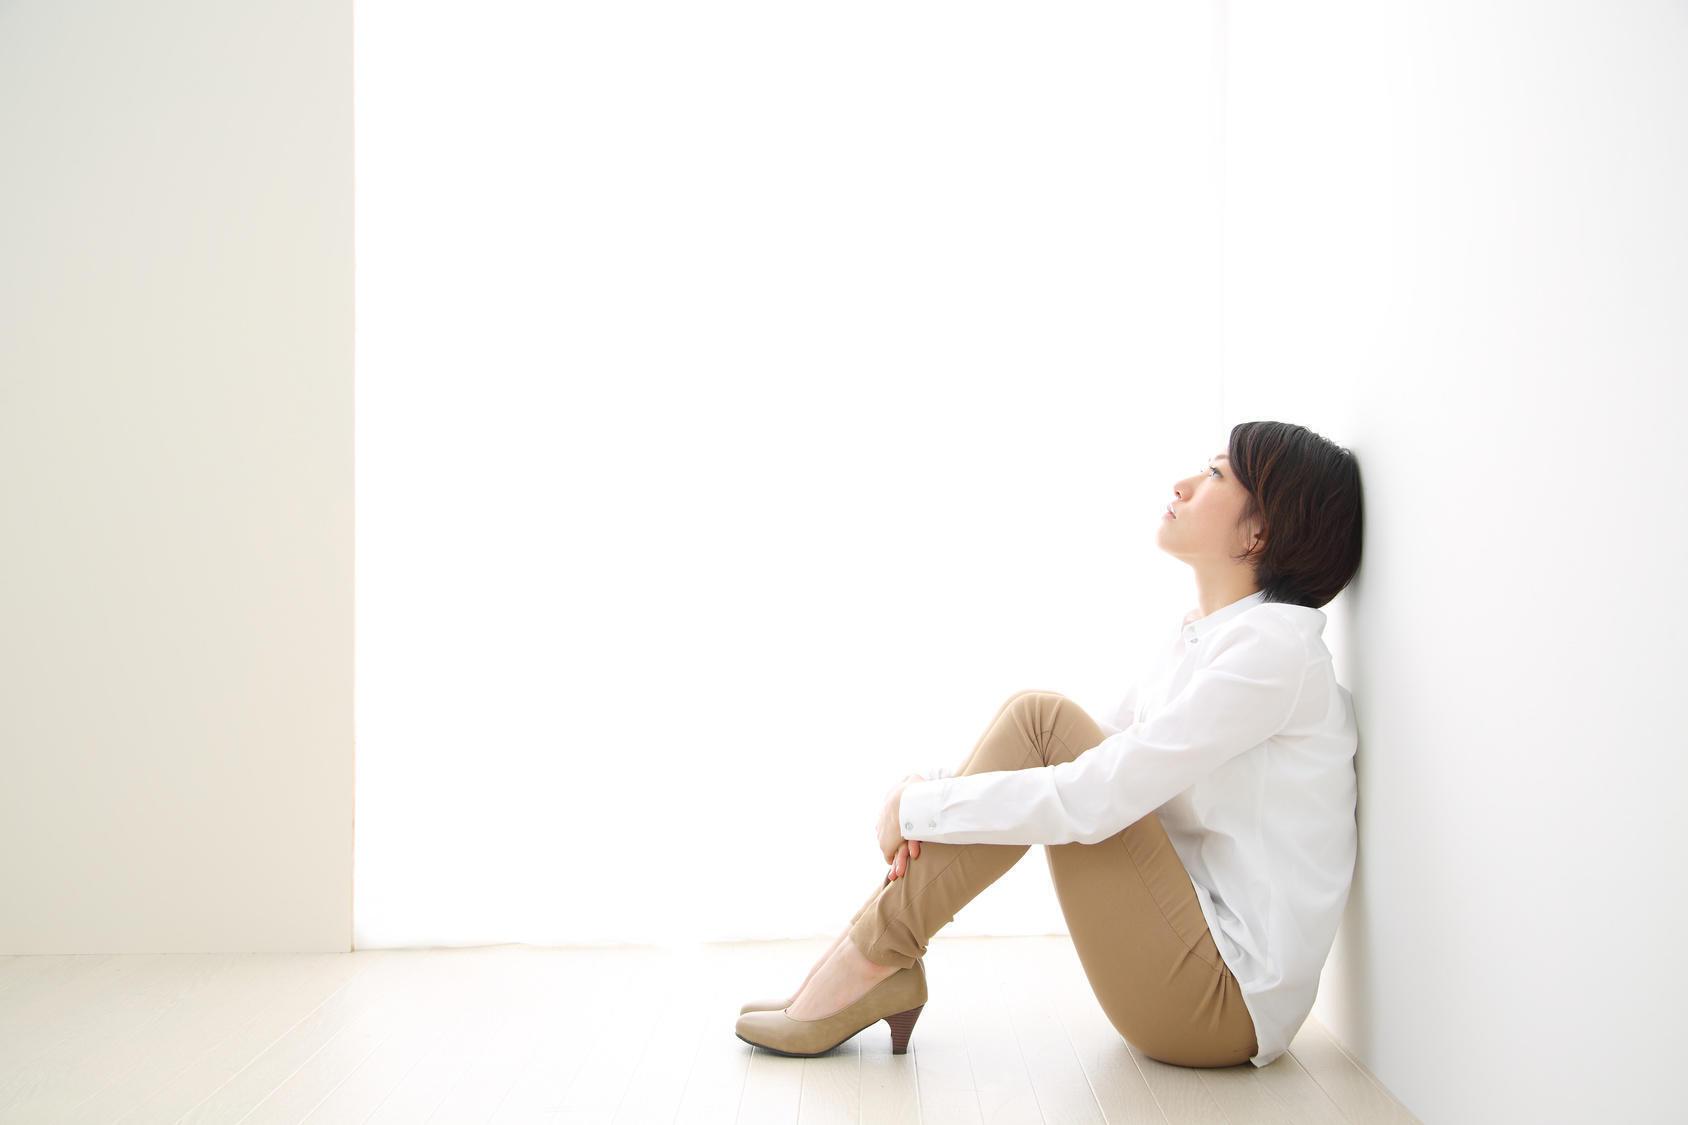 世界初、他職種連携による産後の自殺予防対策プログラム「長野モデル」を開発